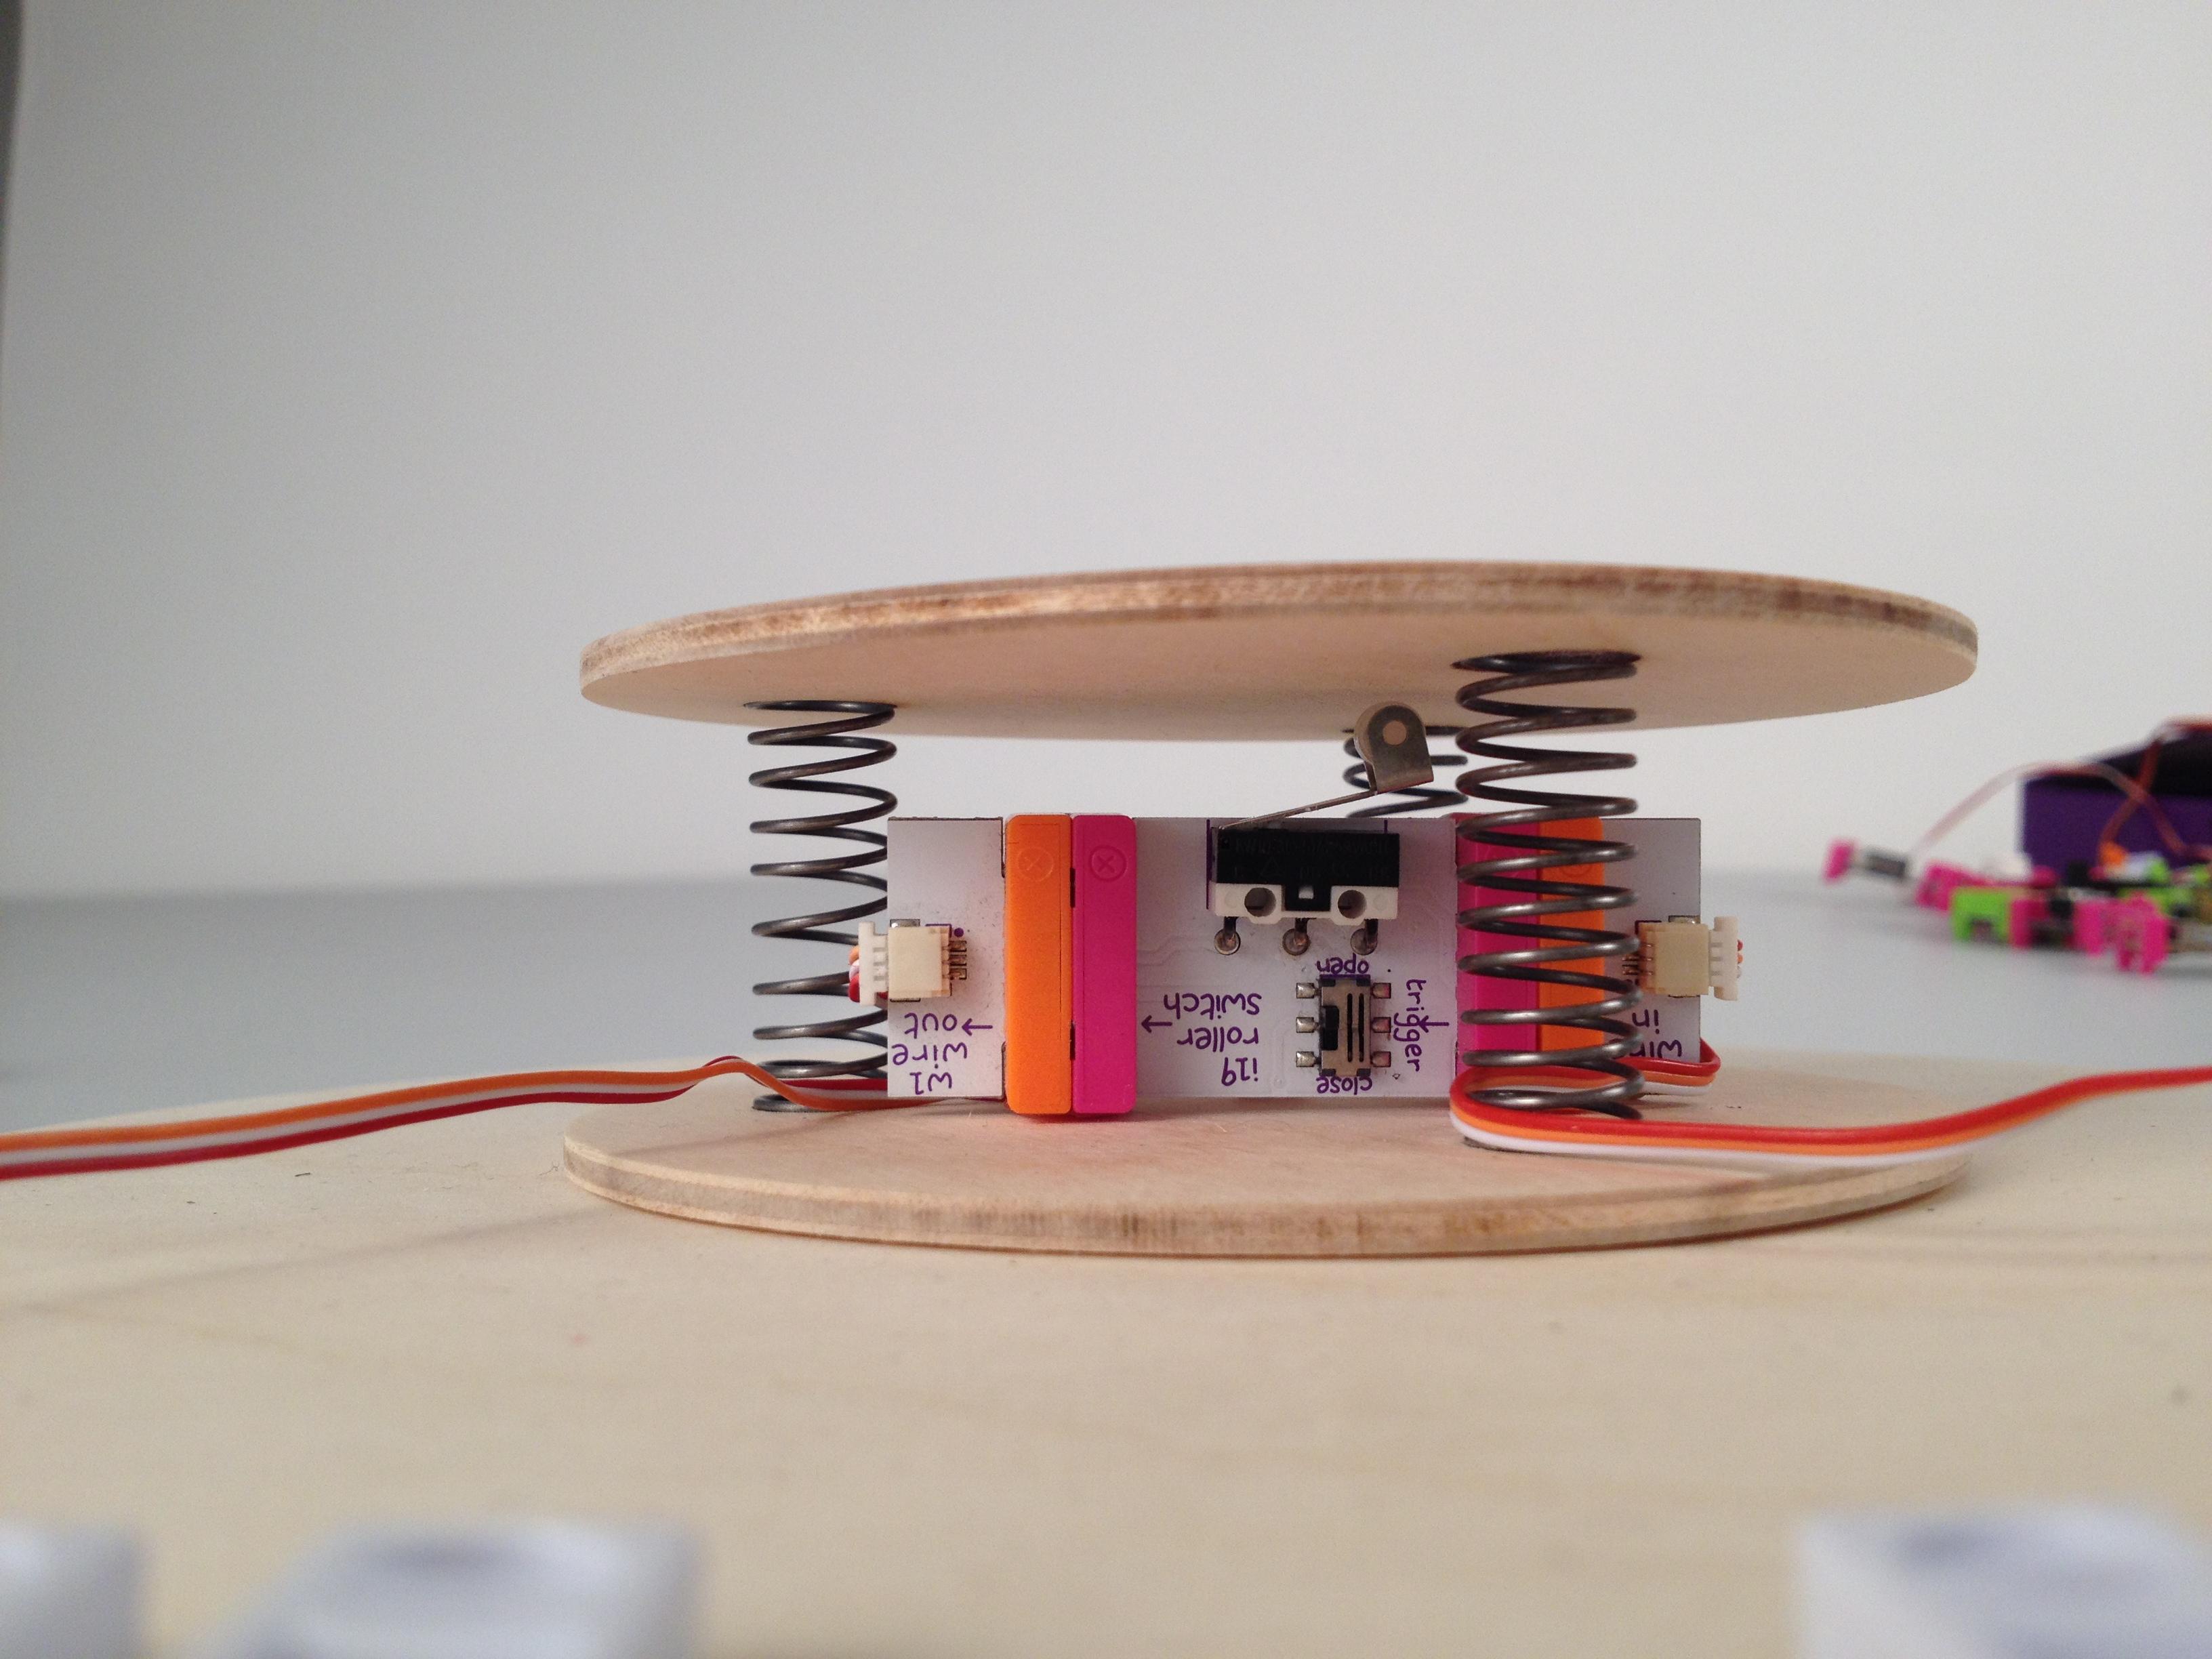 Santa detector mechanism